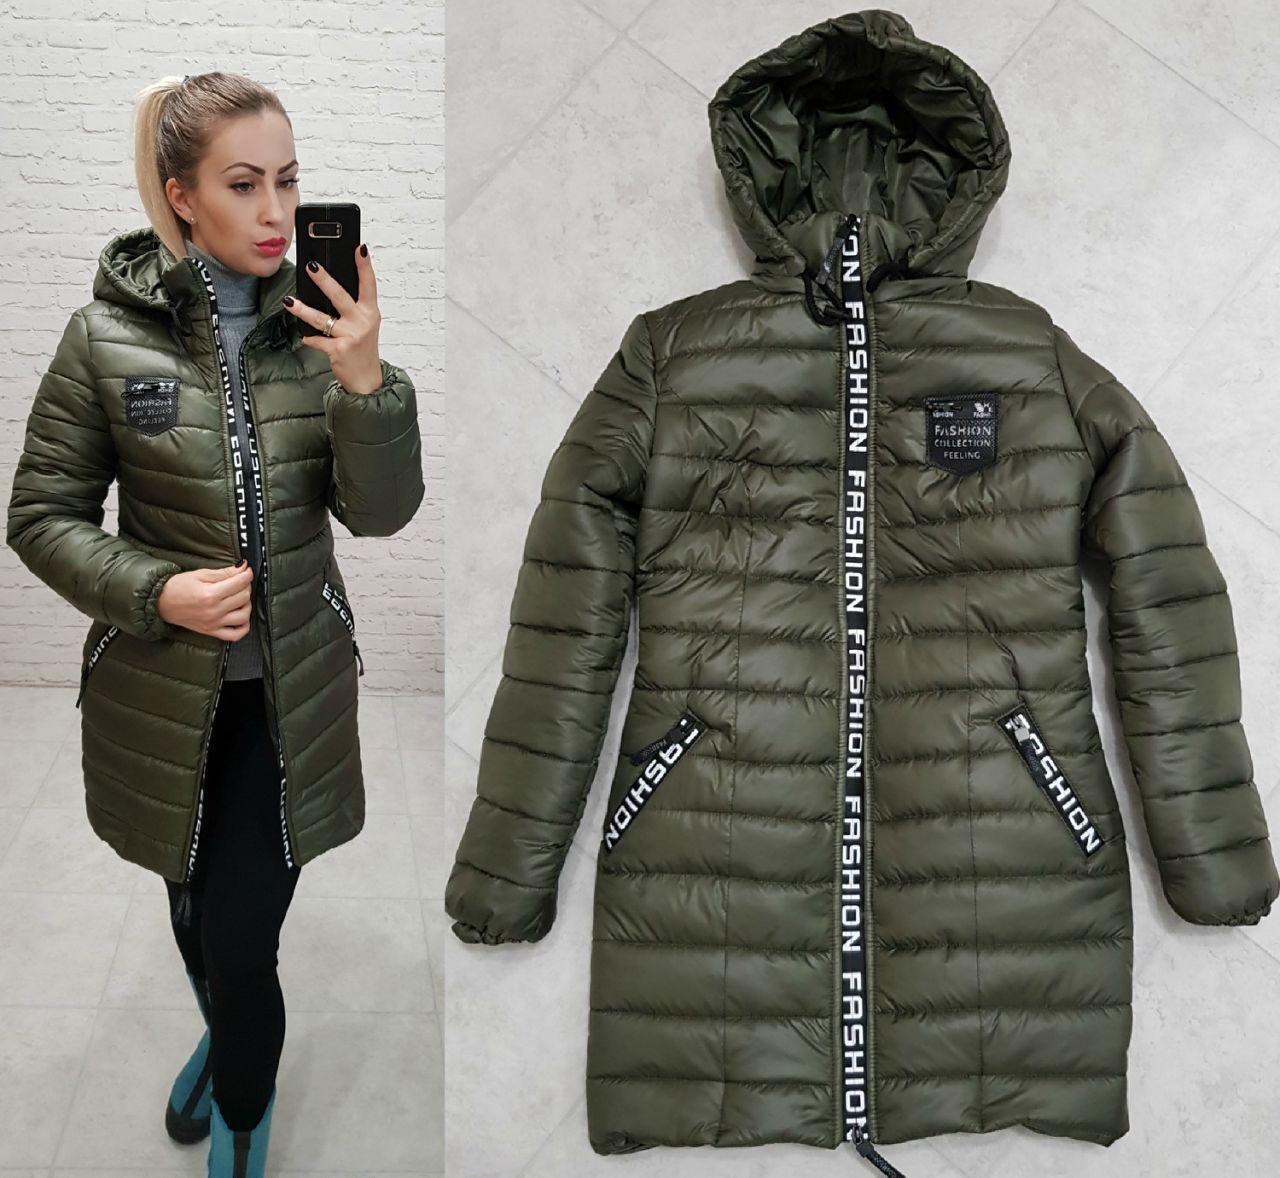 Куртка Зима, модель 212/2, цвет - хаки глянцевый